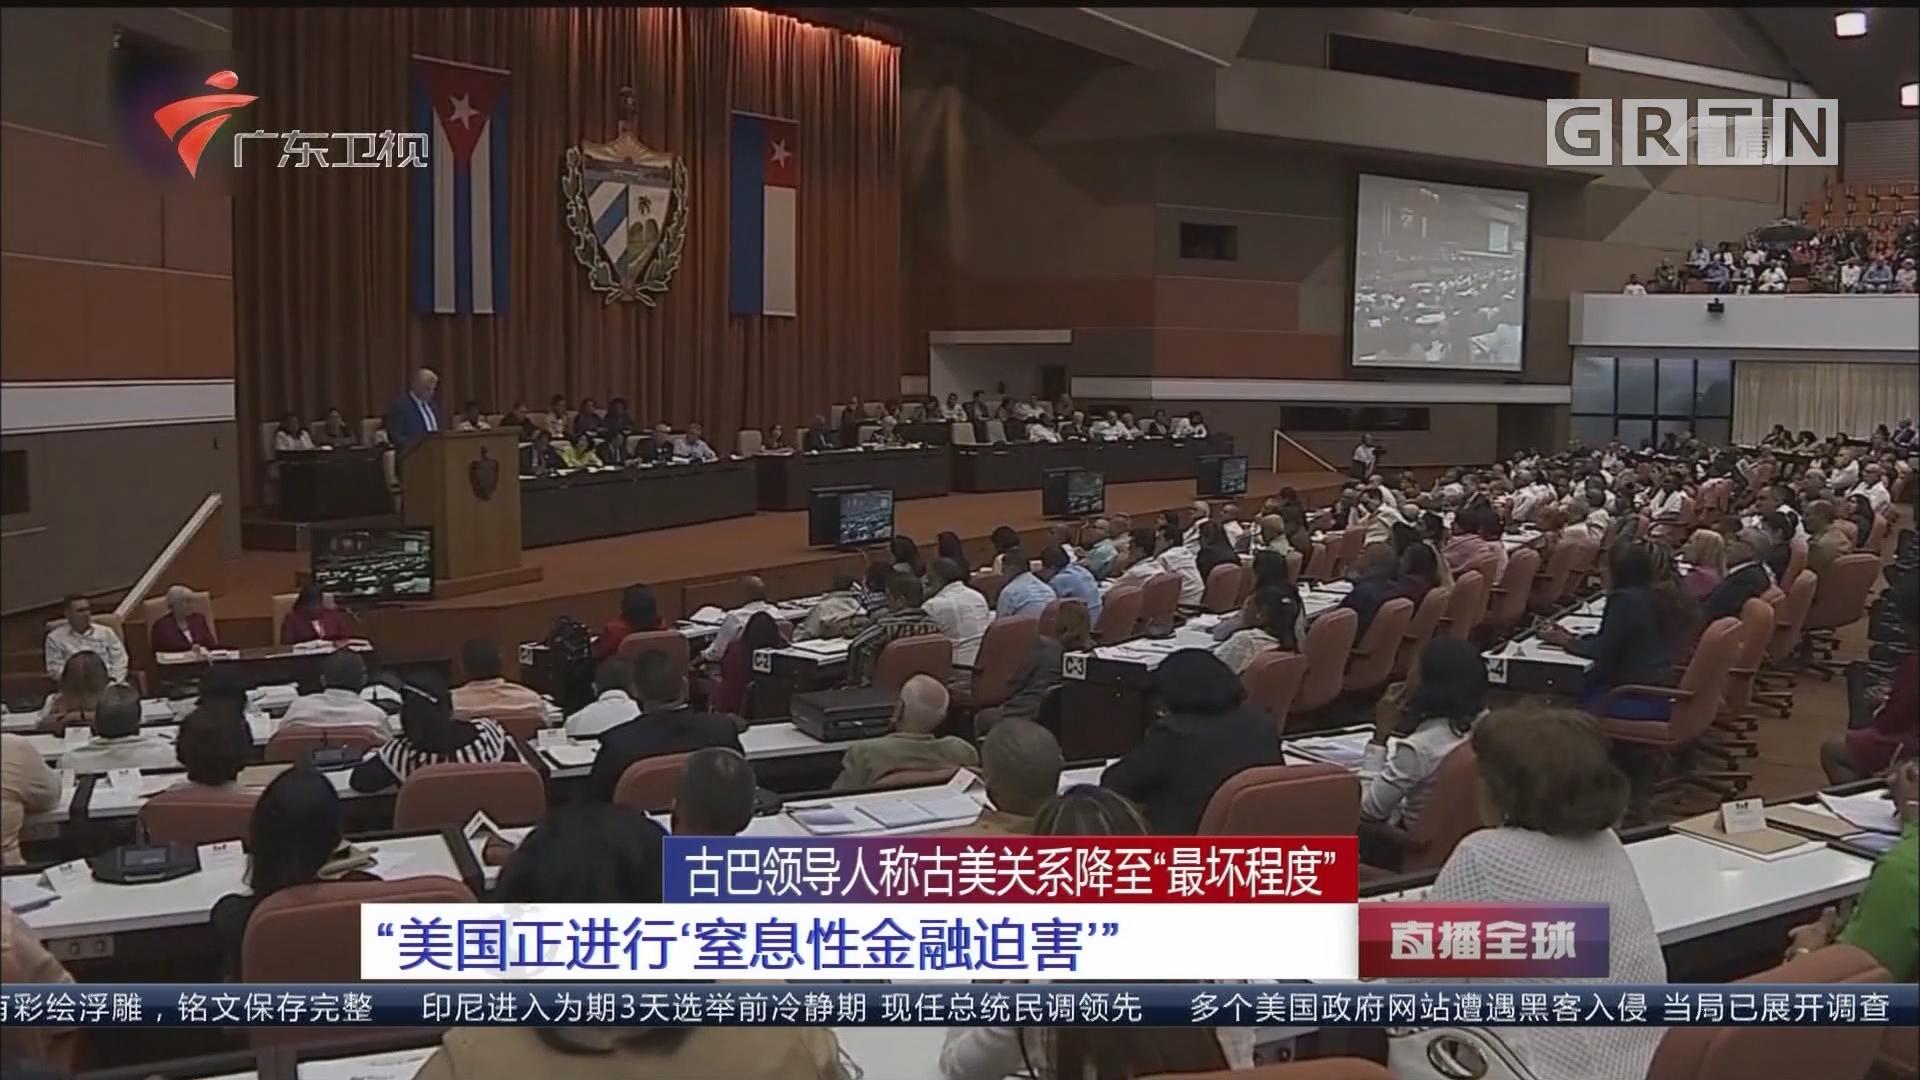 """古巴领导人称古美关系降至""""最坏程度"""" """"美国正进行'窒息性金融迫害'"""""""